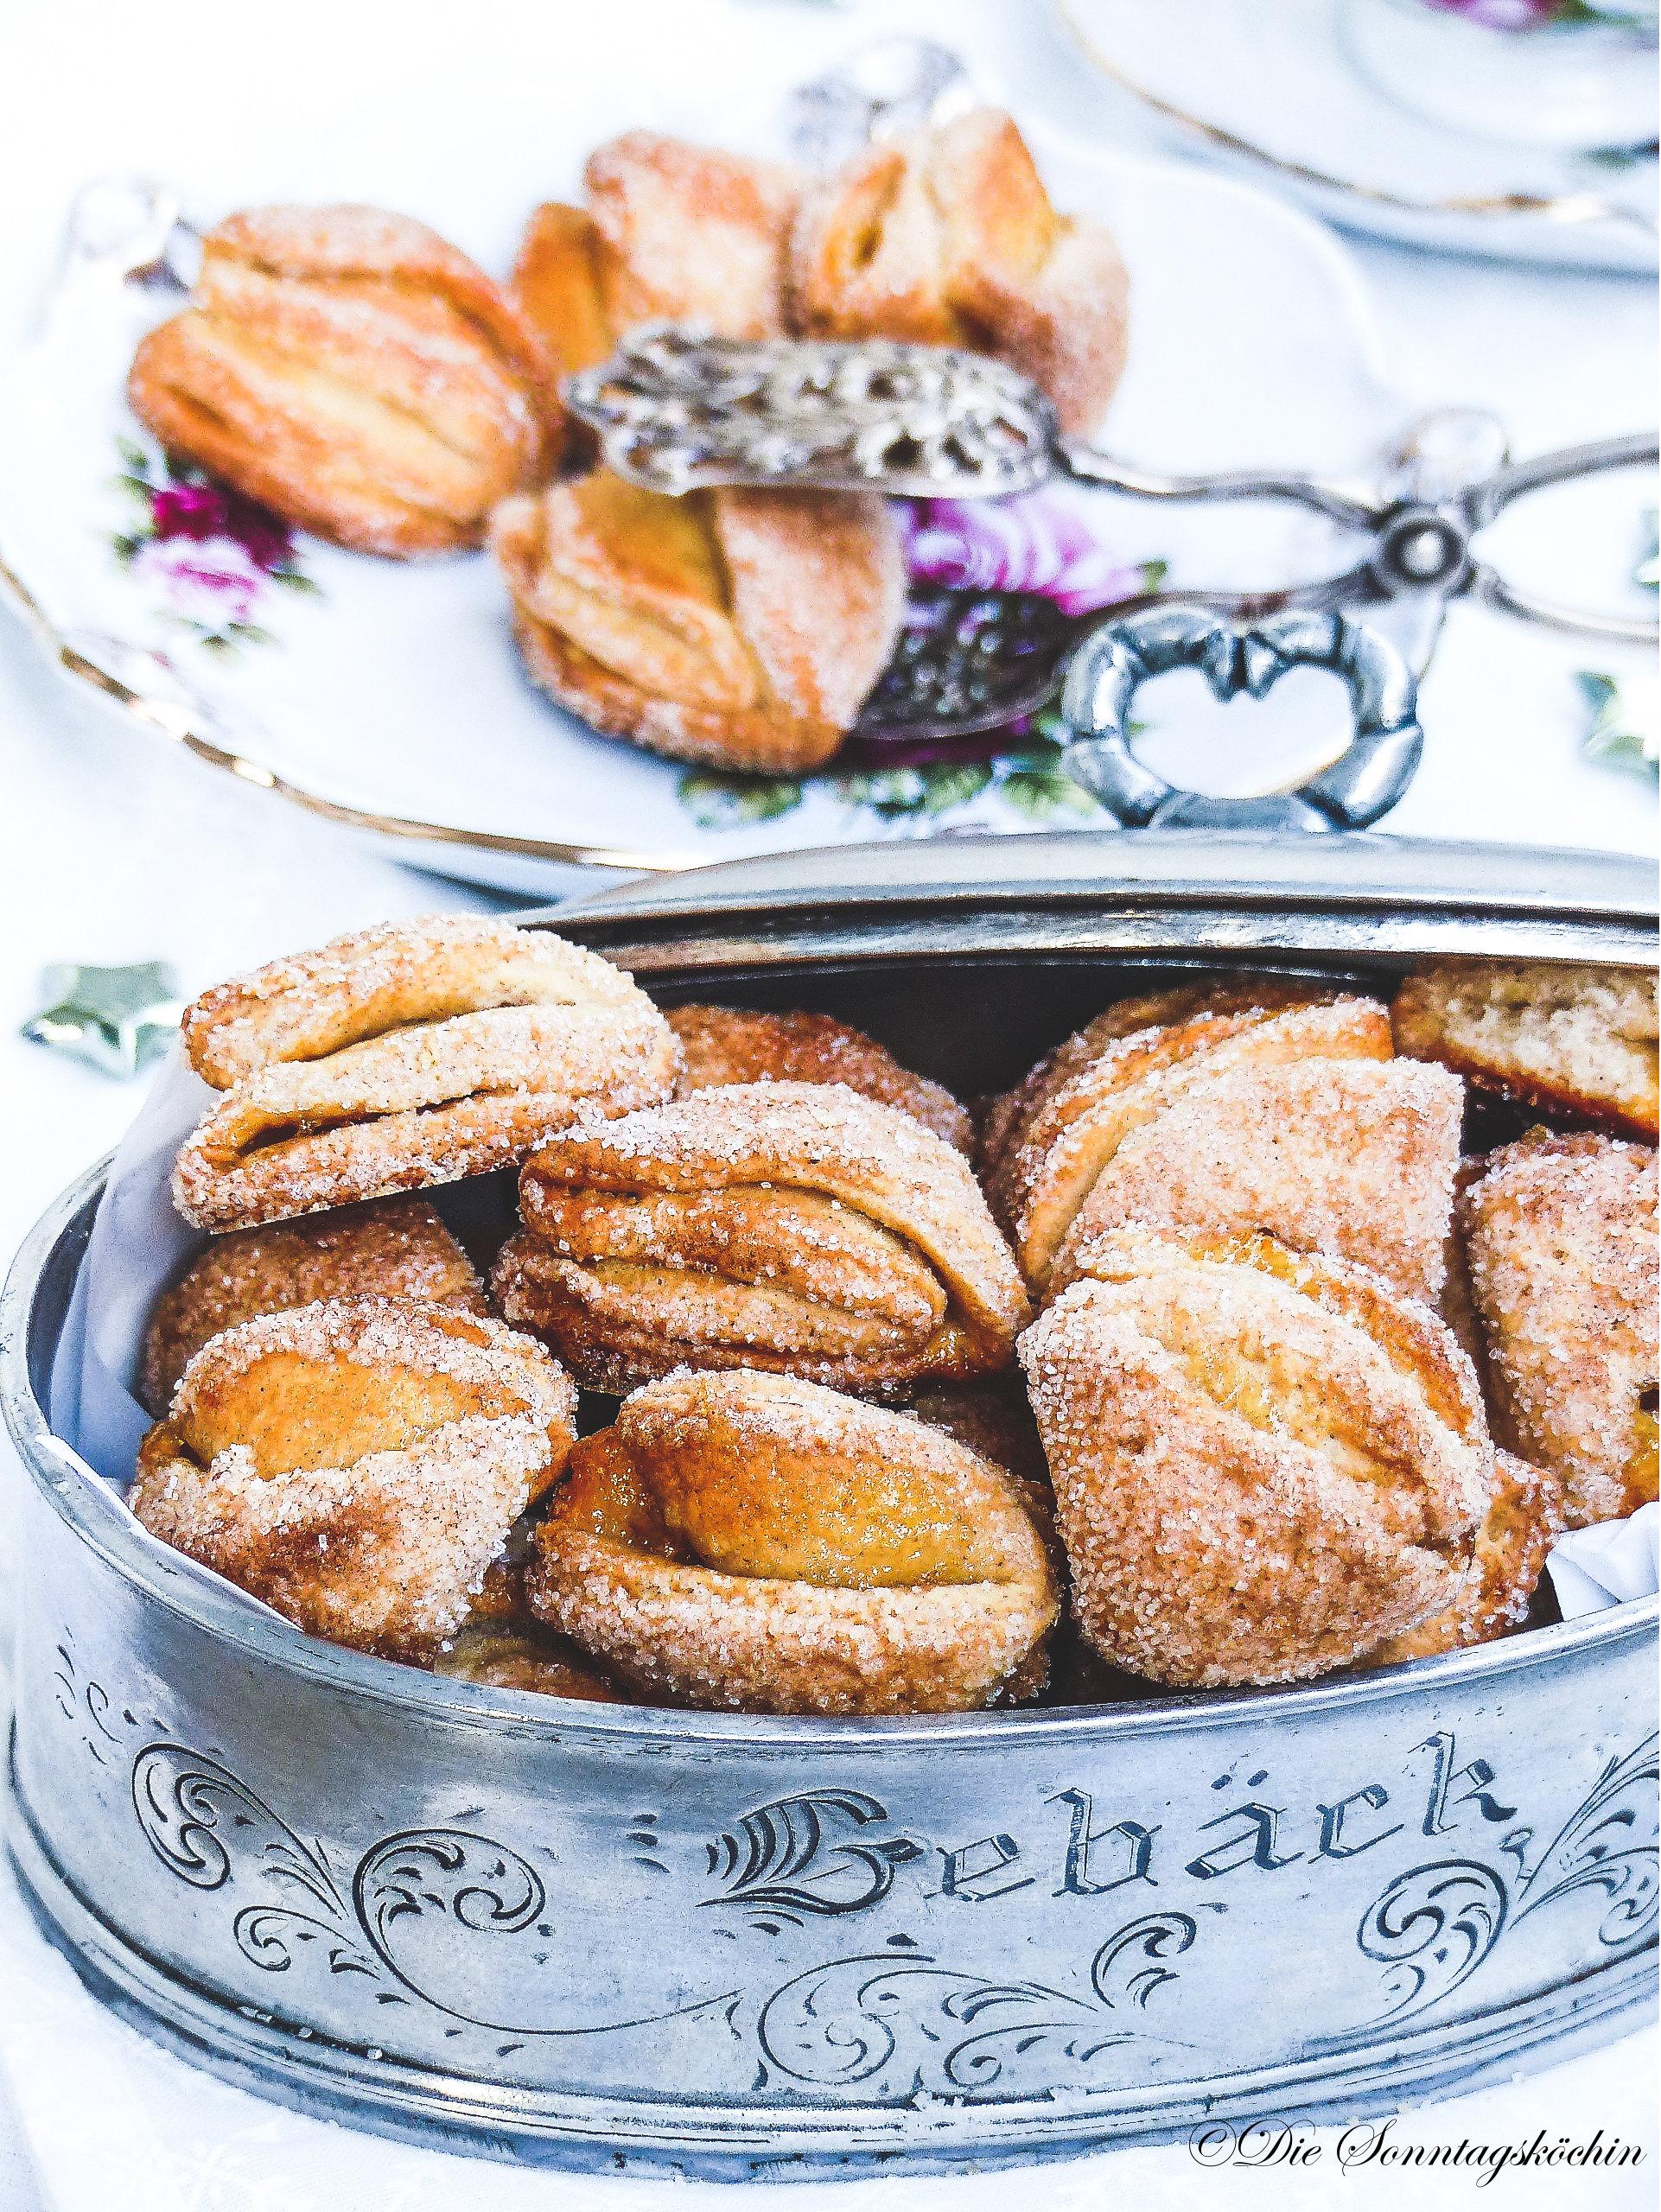 Ricotta Zimt Zipfelchen gefüllt mit Orangenmarmelade